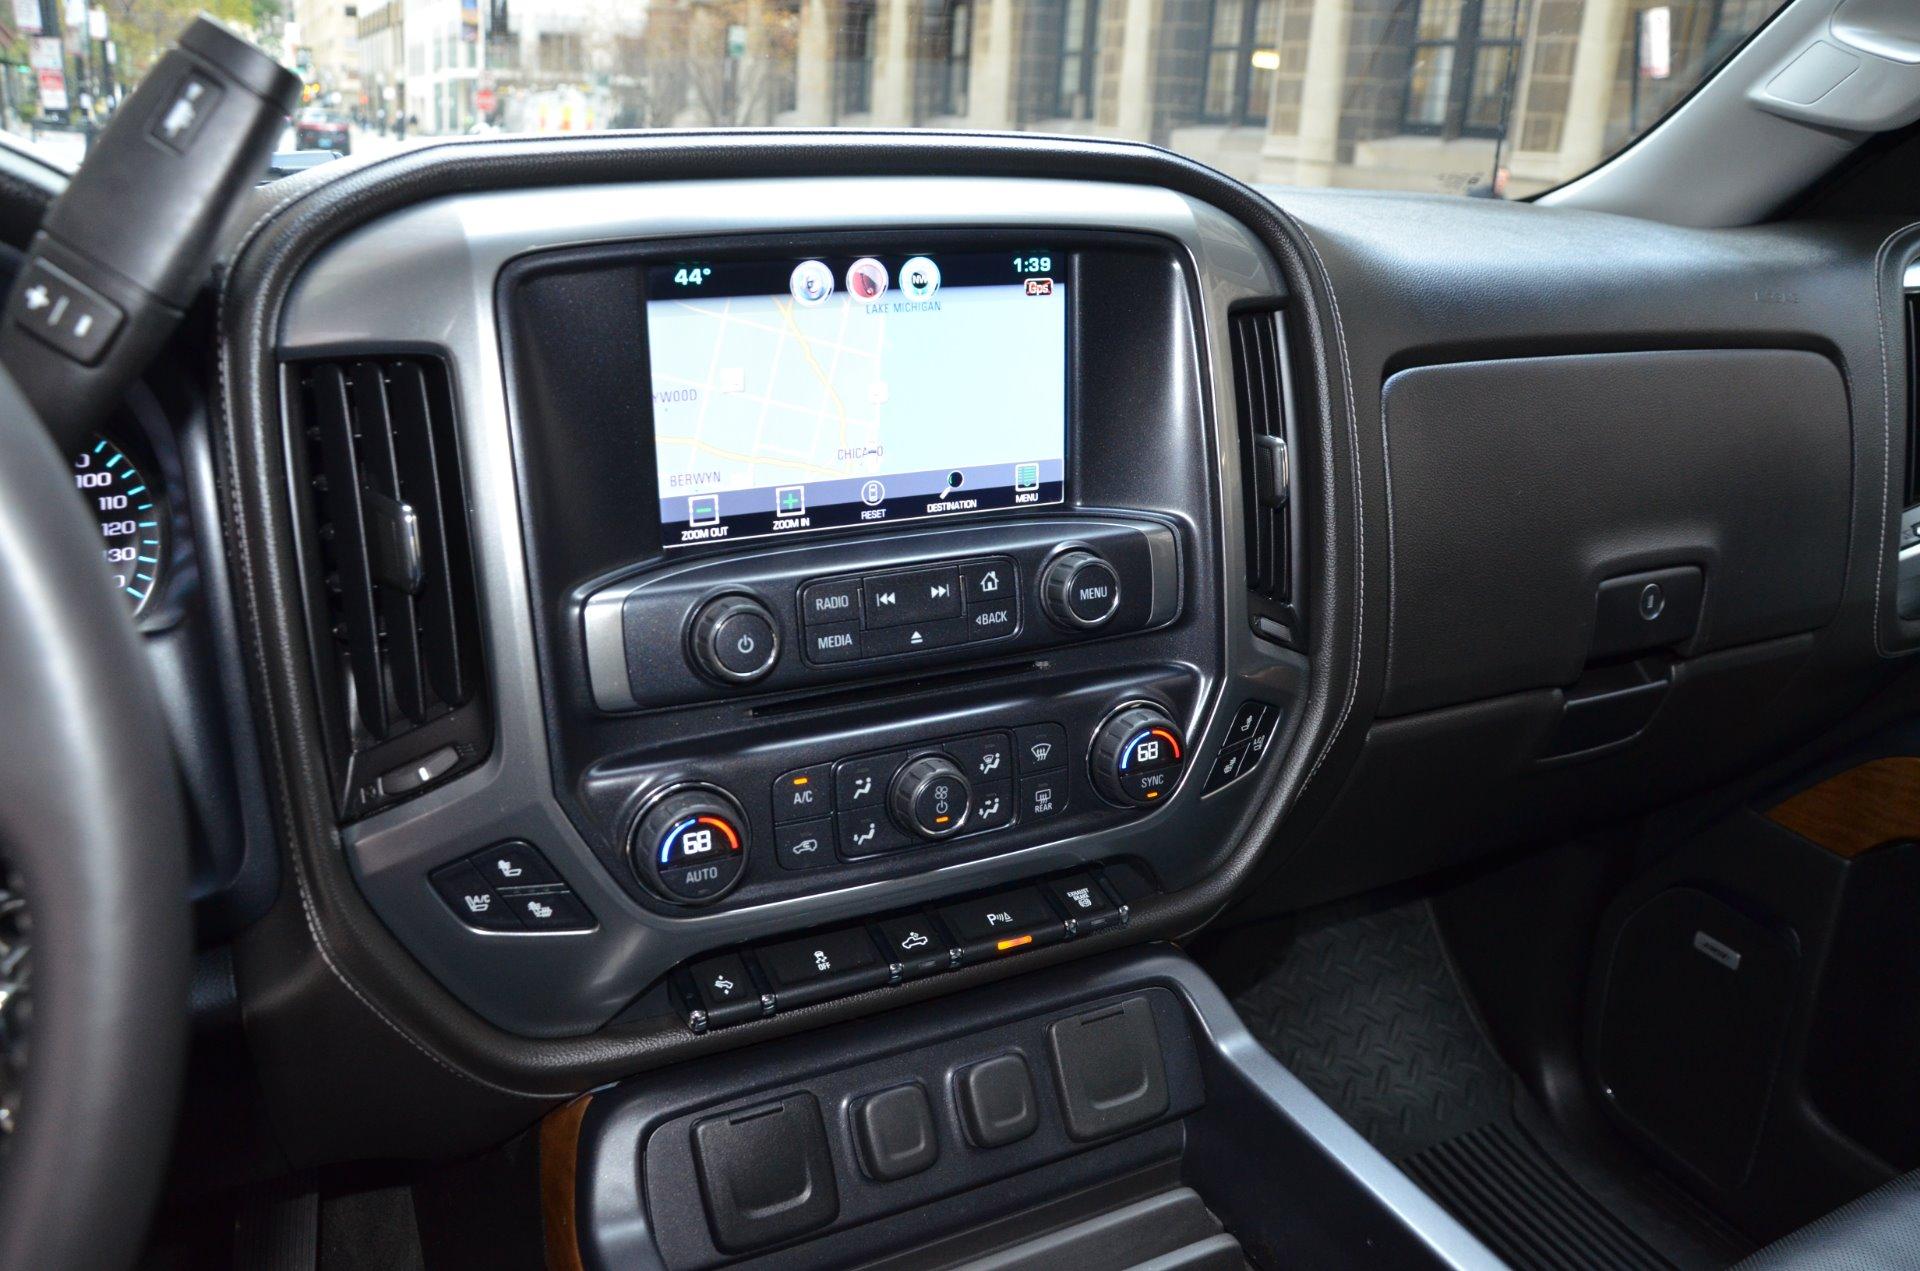 2015 Chevrolet Silverado 2500hd Ltz Stock L340b For Sale Near Chevy Radio Upgrade Used Chicago Il